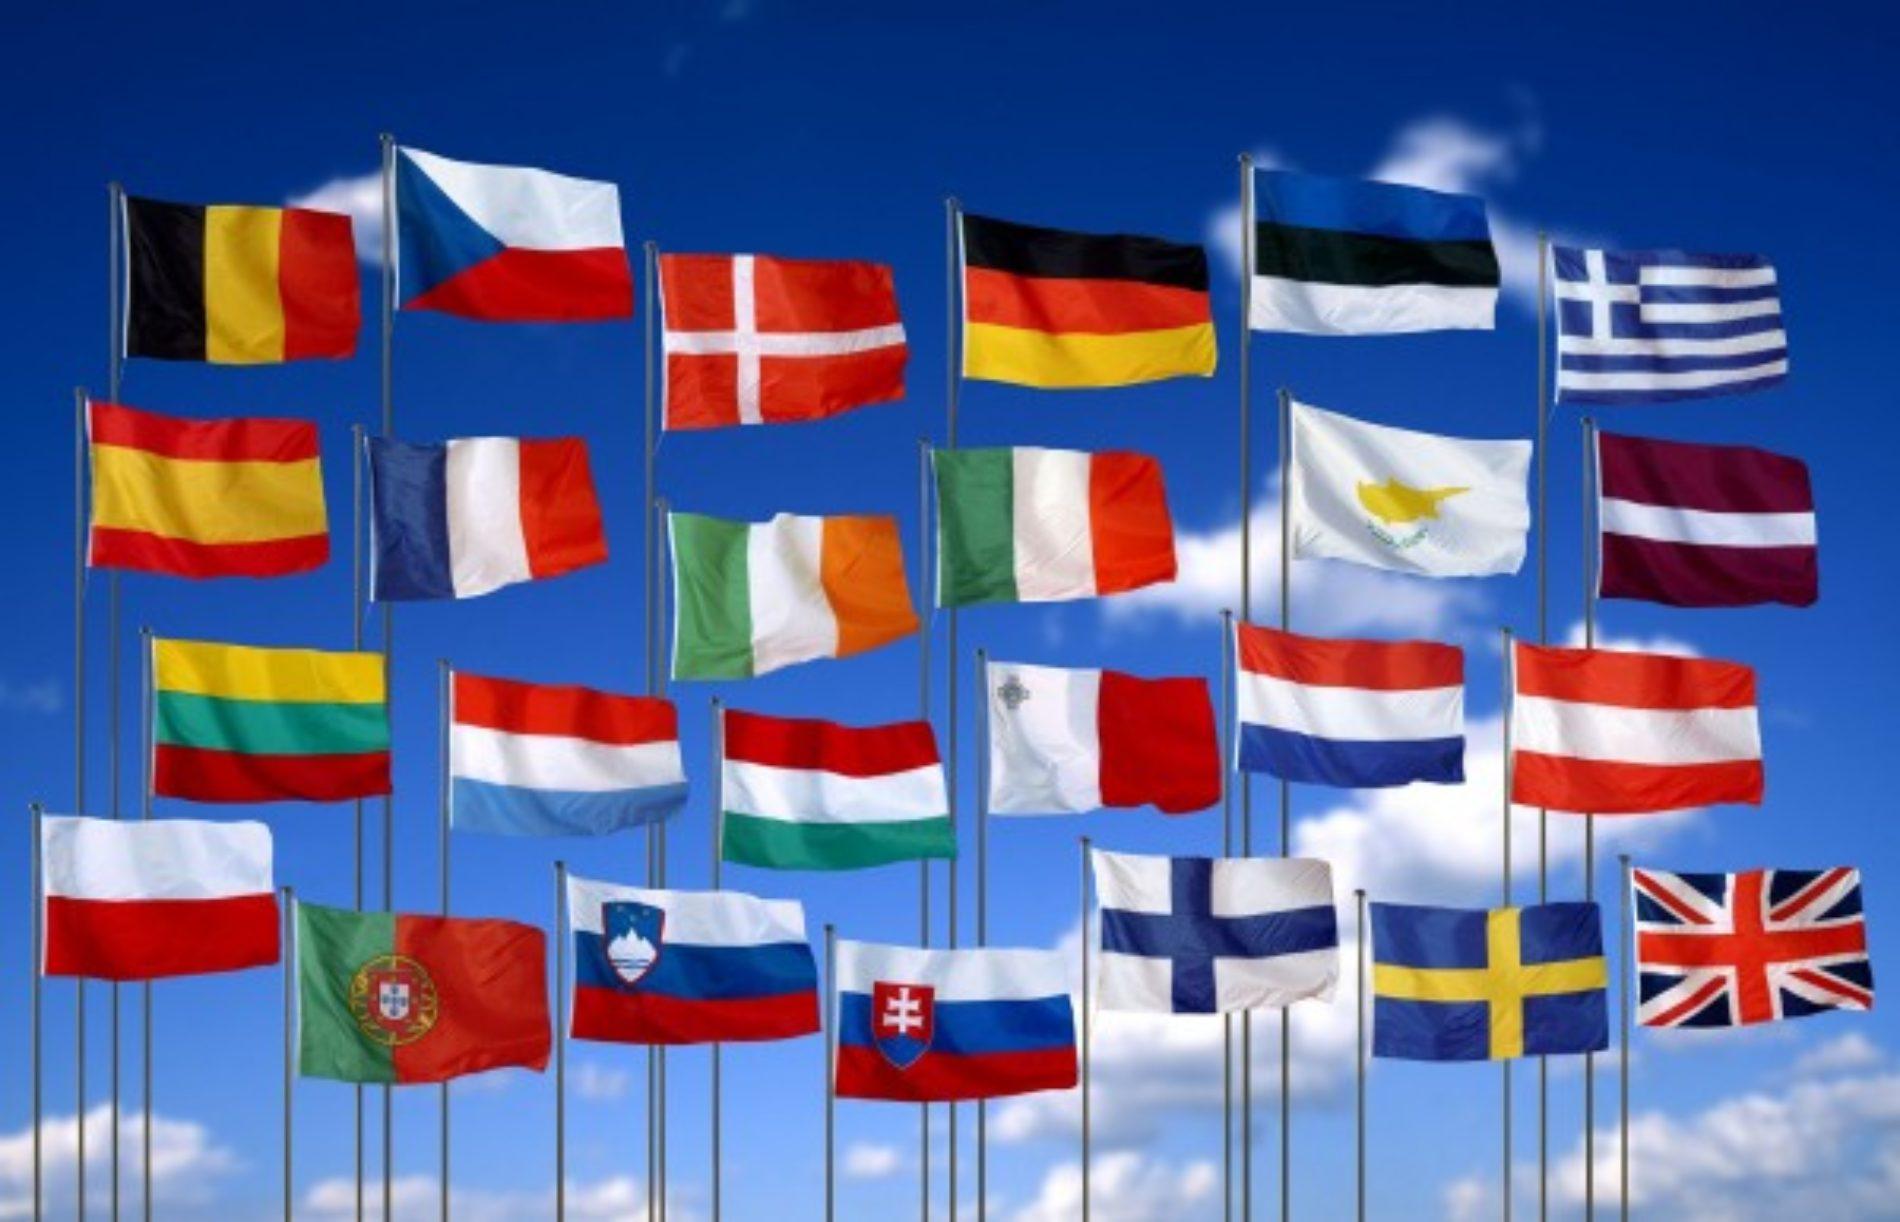 Ecig – Il 23 e 24 Settembre a Catania riunione del Comitato Tecnico Europeo di Normazione